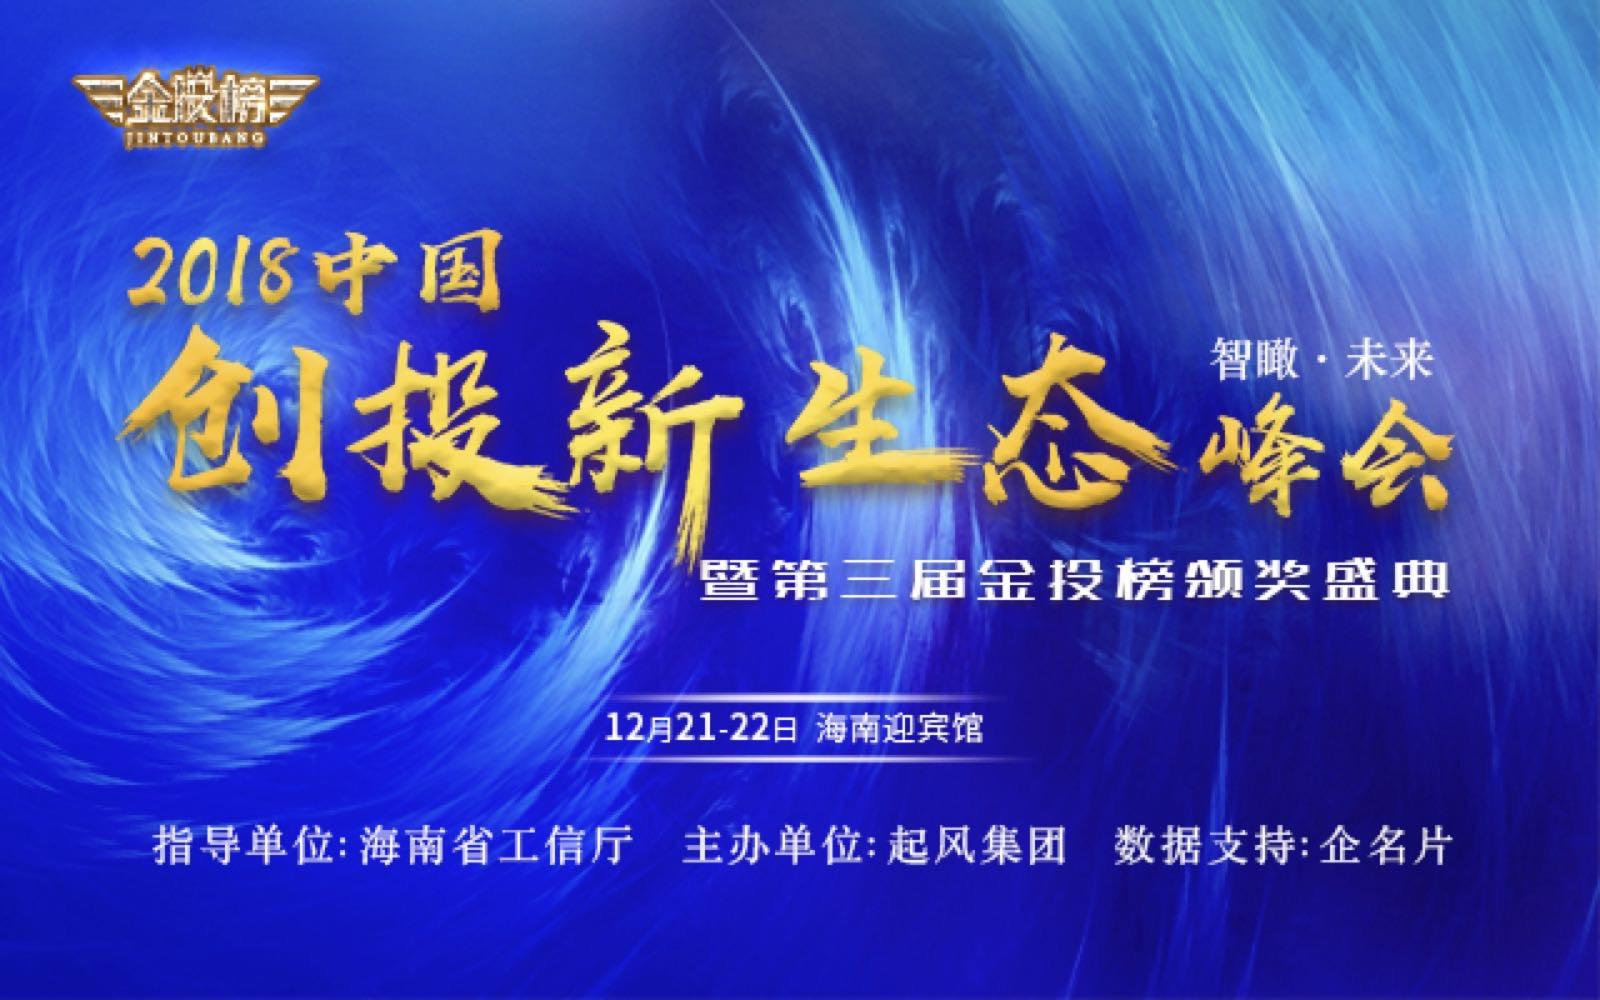 2018年度中国创投新生态峰会